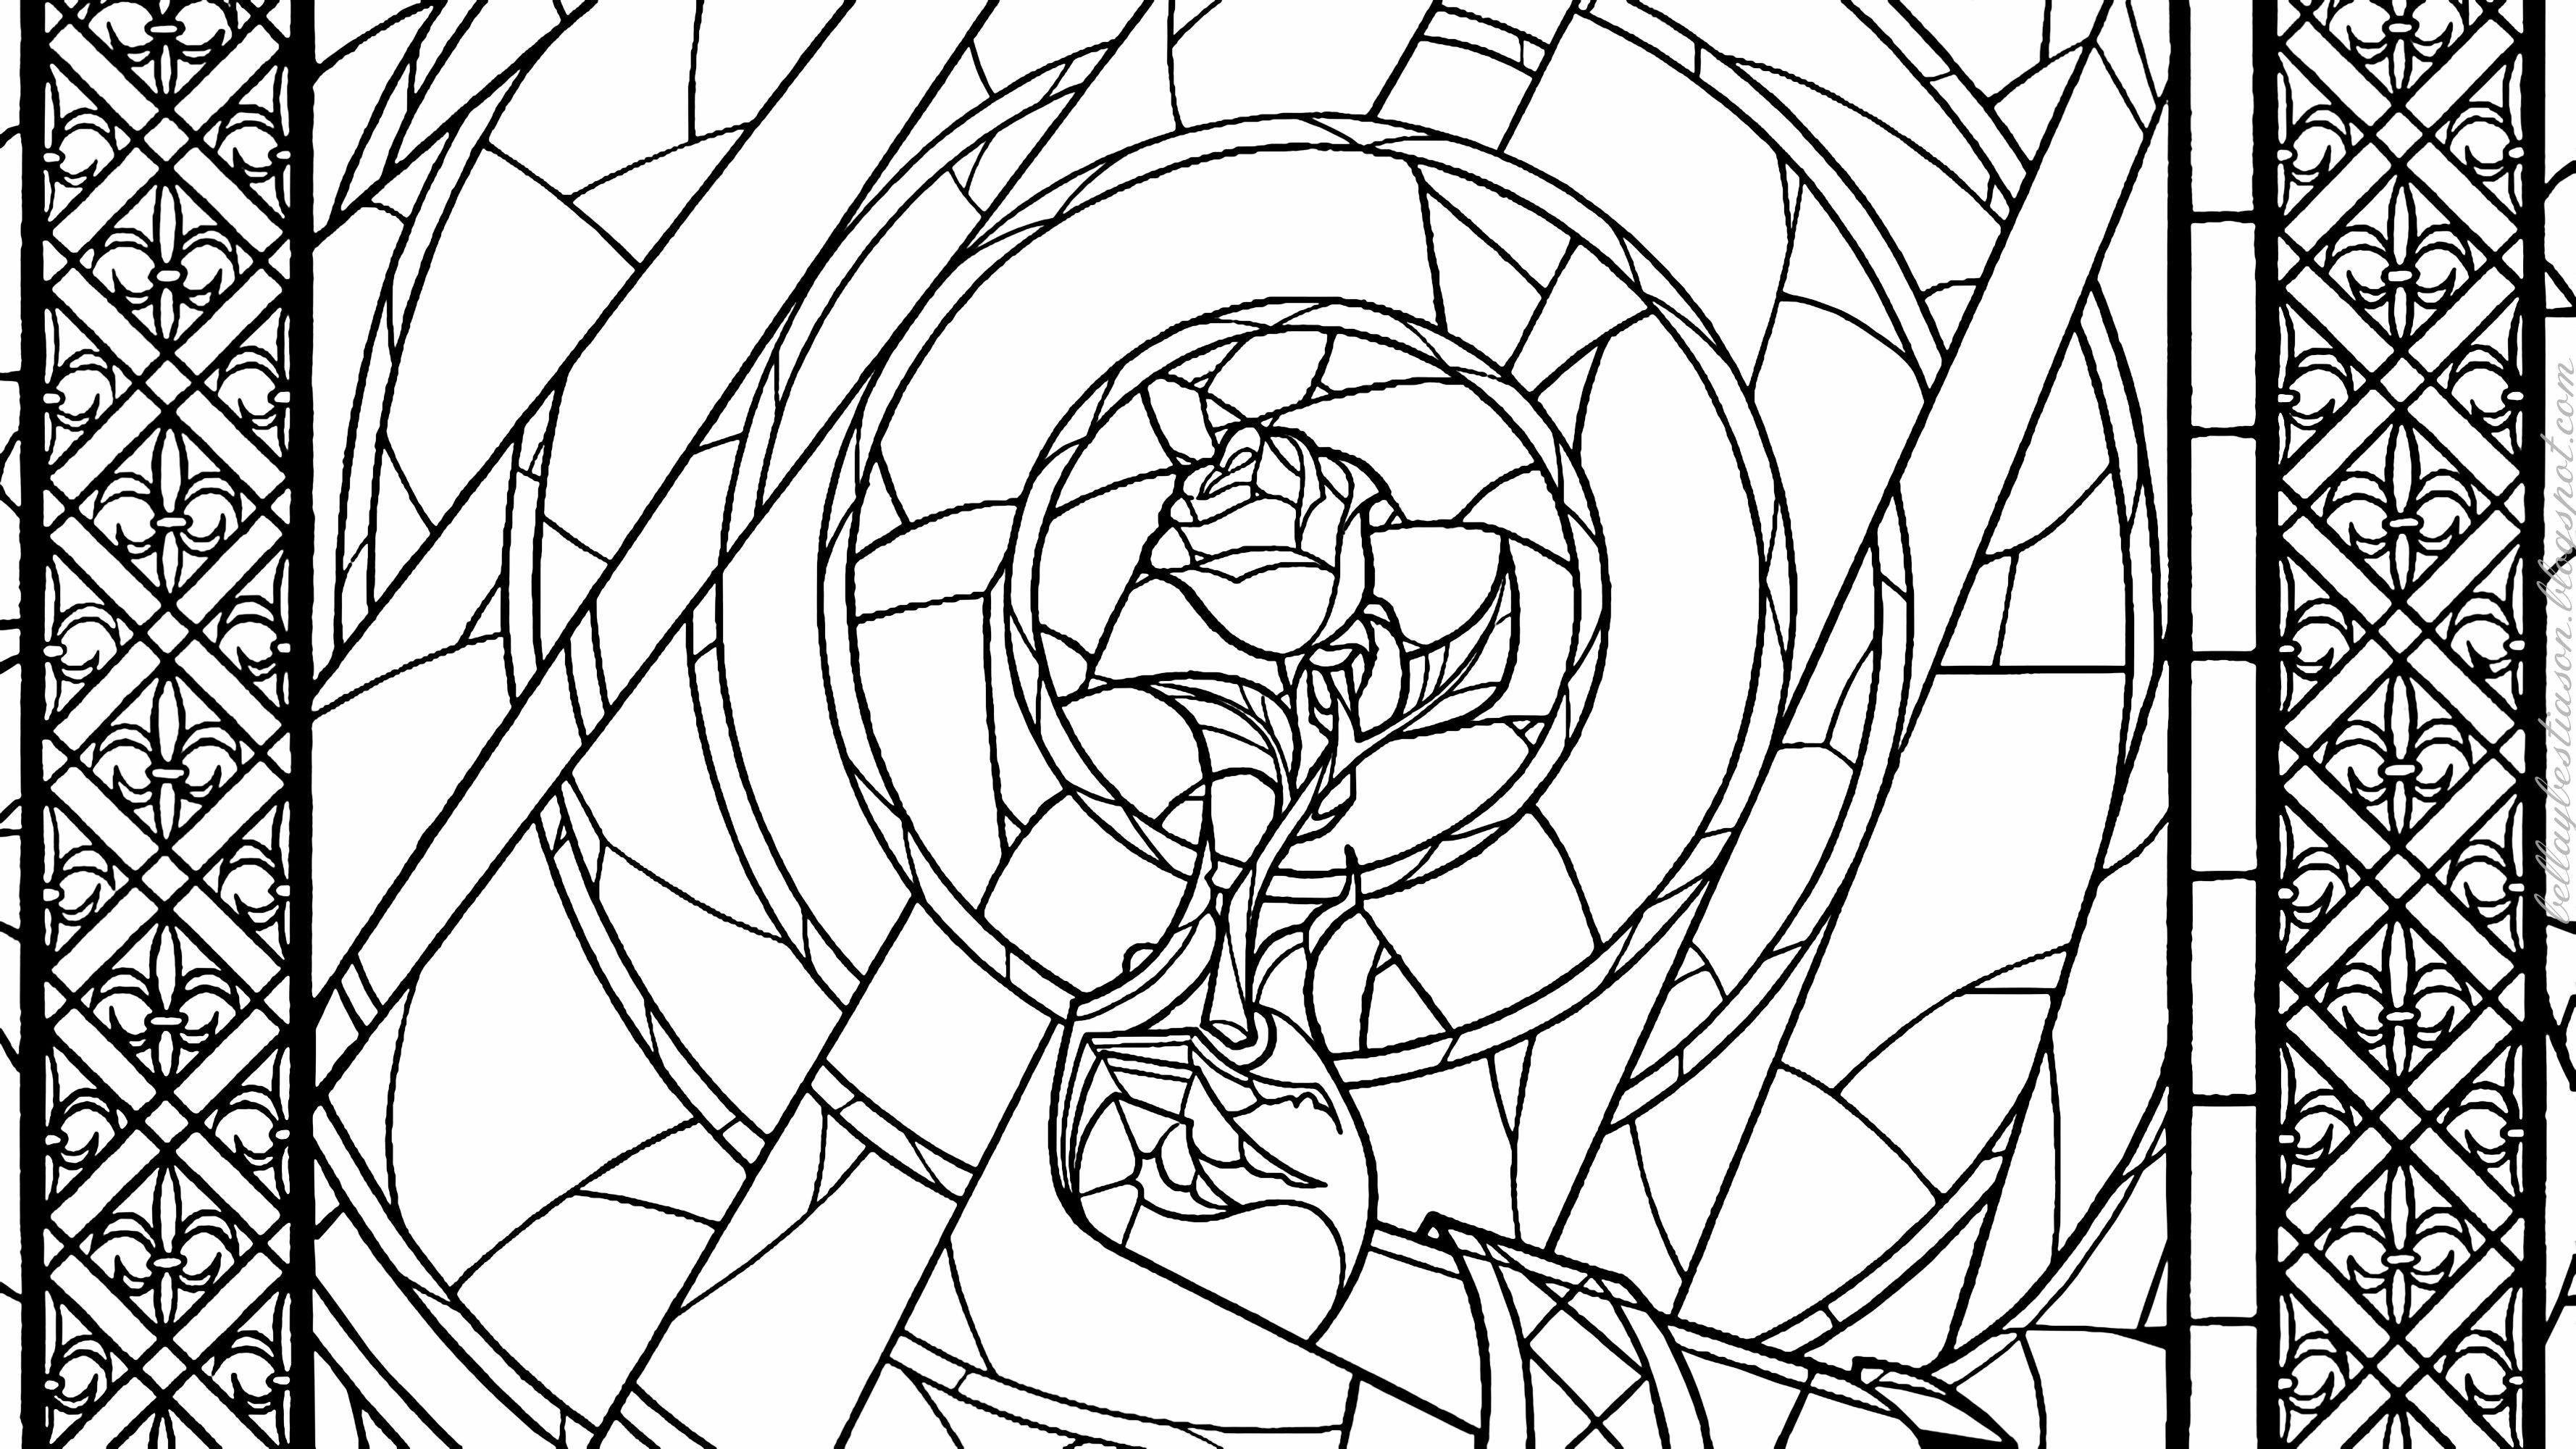 La Bella y la Bestia de Disney - Blog: Dibujos para colorear de las ...